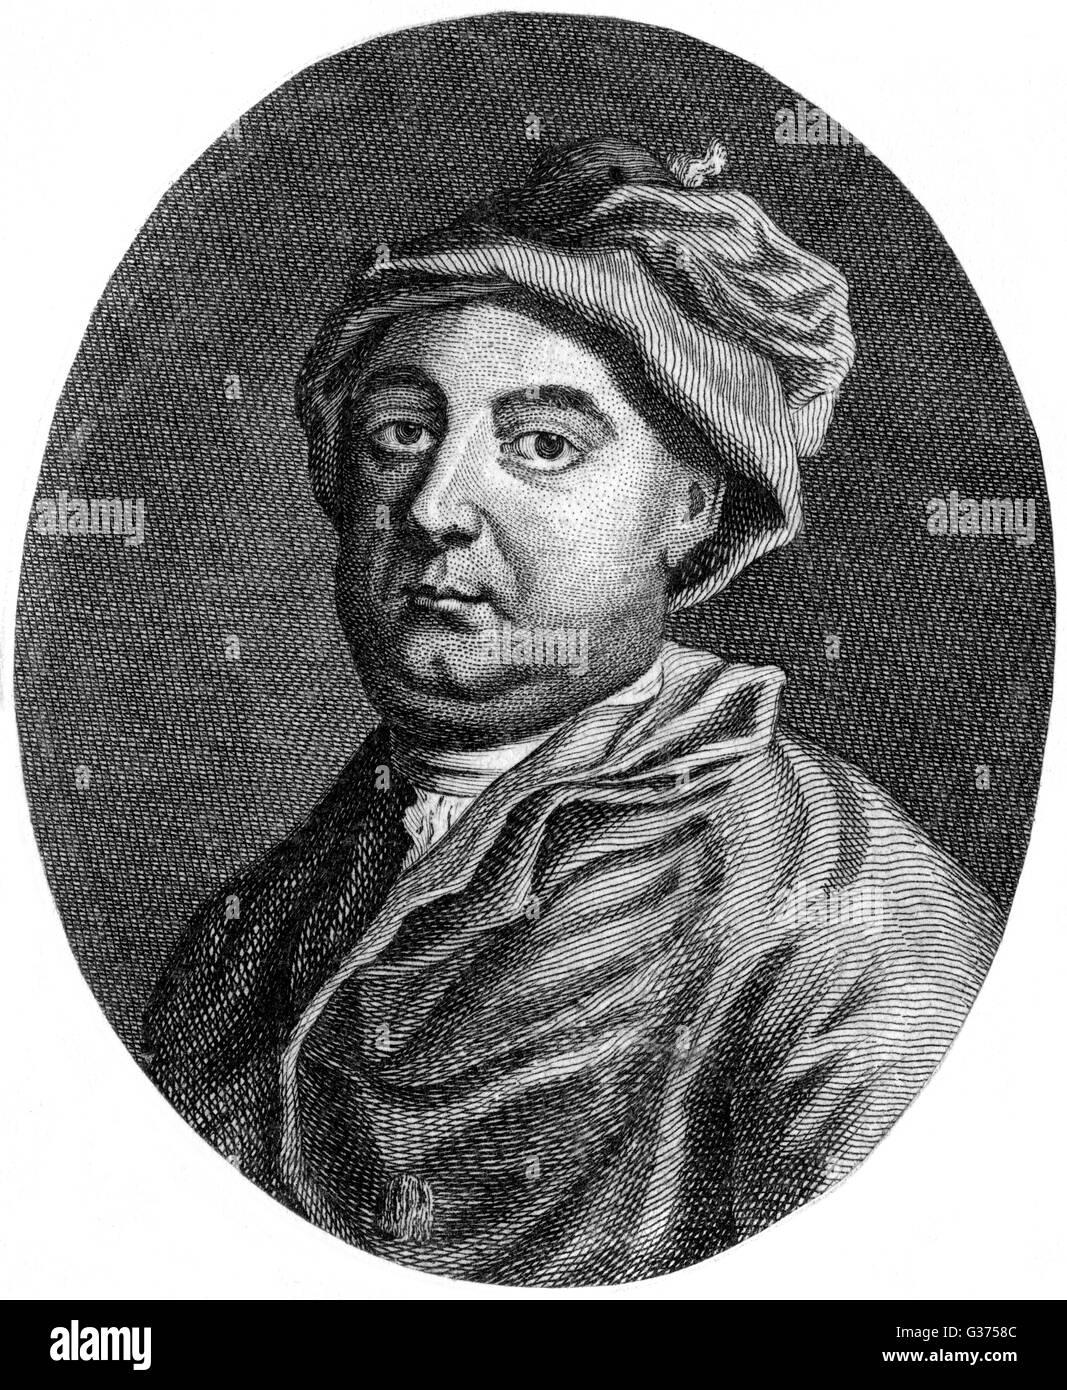 WILLIAM WOOLLETT incisore storico di Sua Maestà data: 1735 - 1785 Immagini Stock